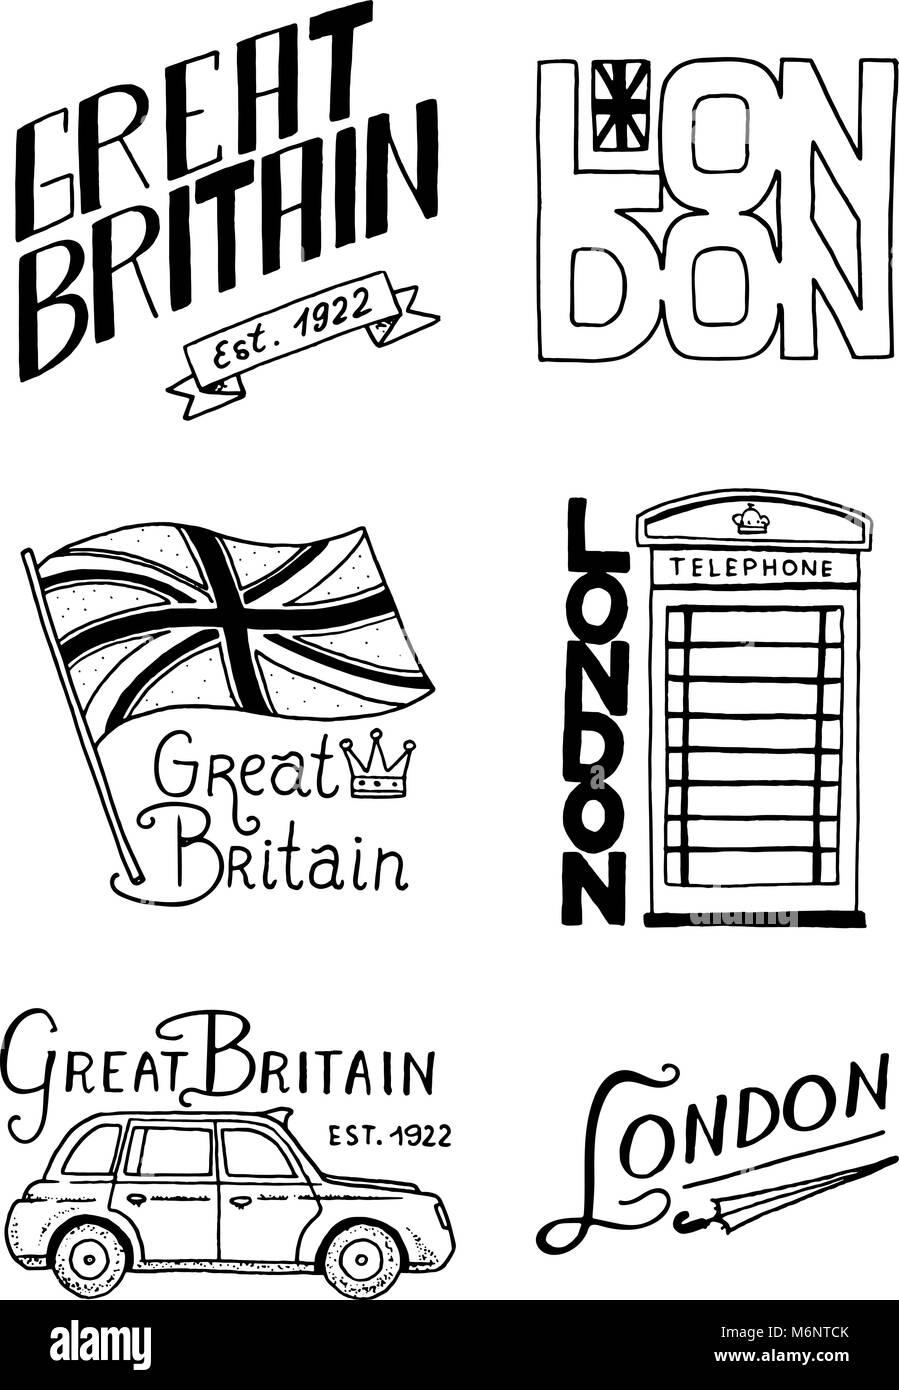 British Logo Symbols Badges Or Stamps Emblems Architectural